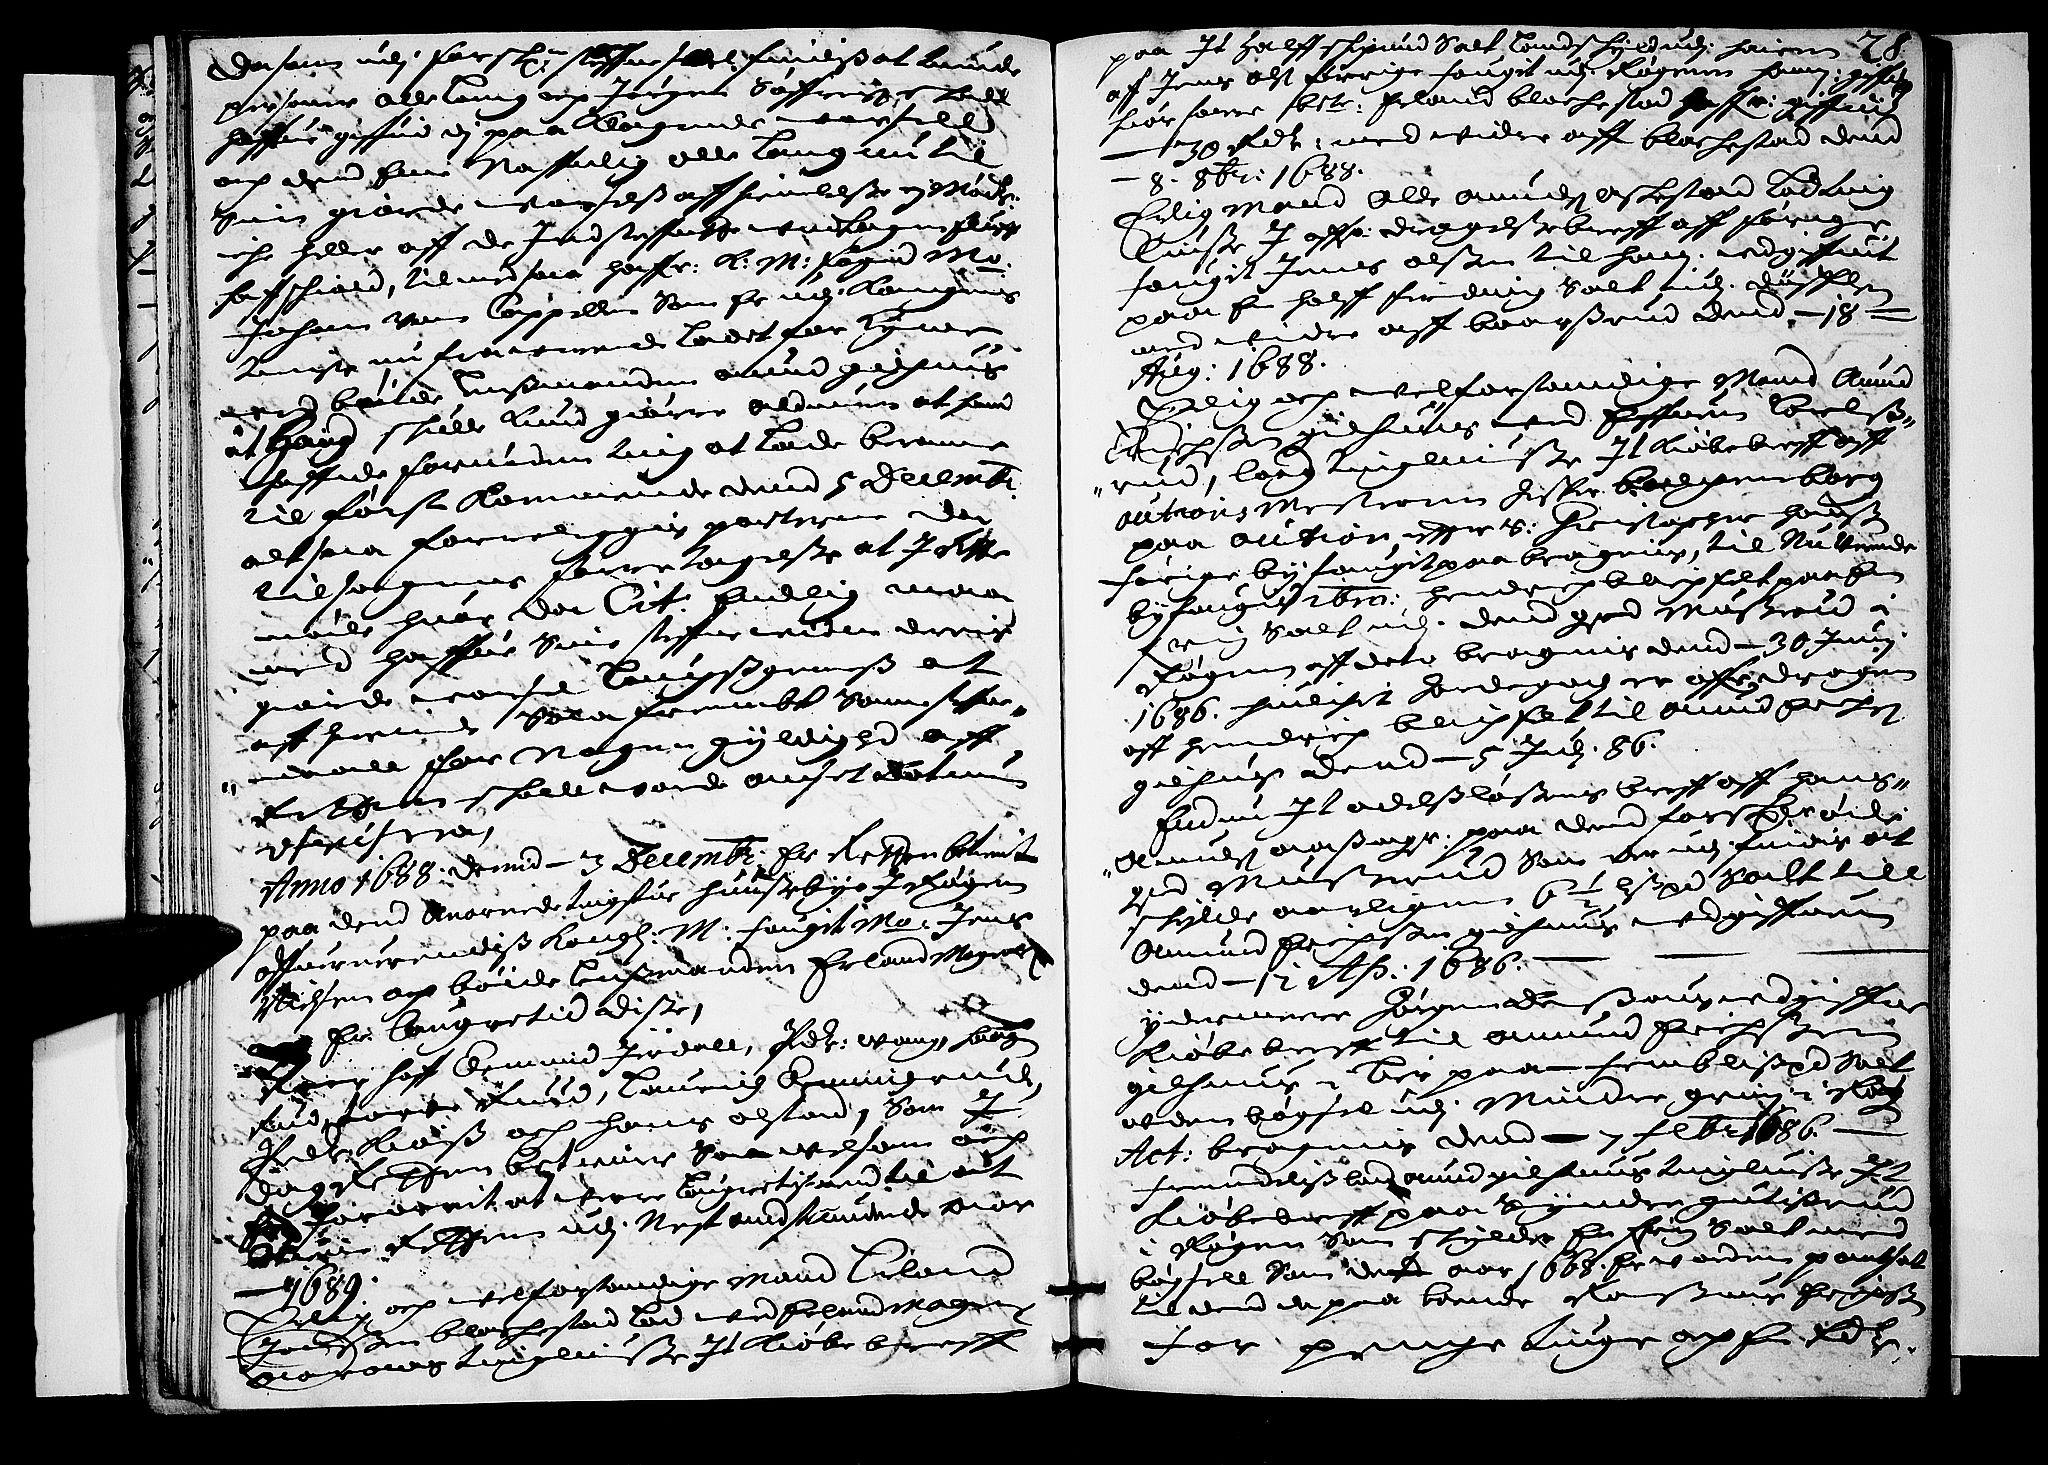 SAKO, Lier, Røyken og Hurum sorenskriveri, F/Fa/L0029: Tingbok, 1688, s. 28